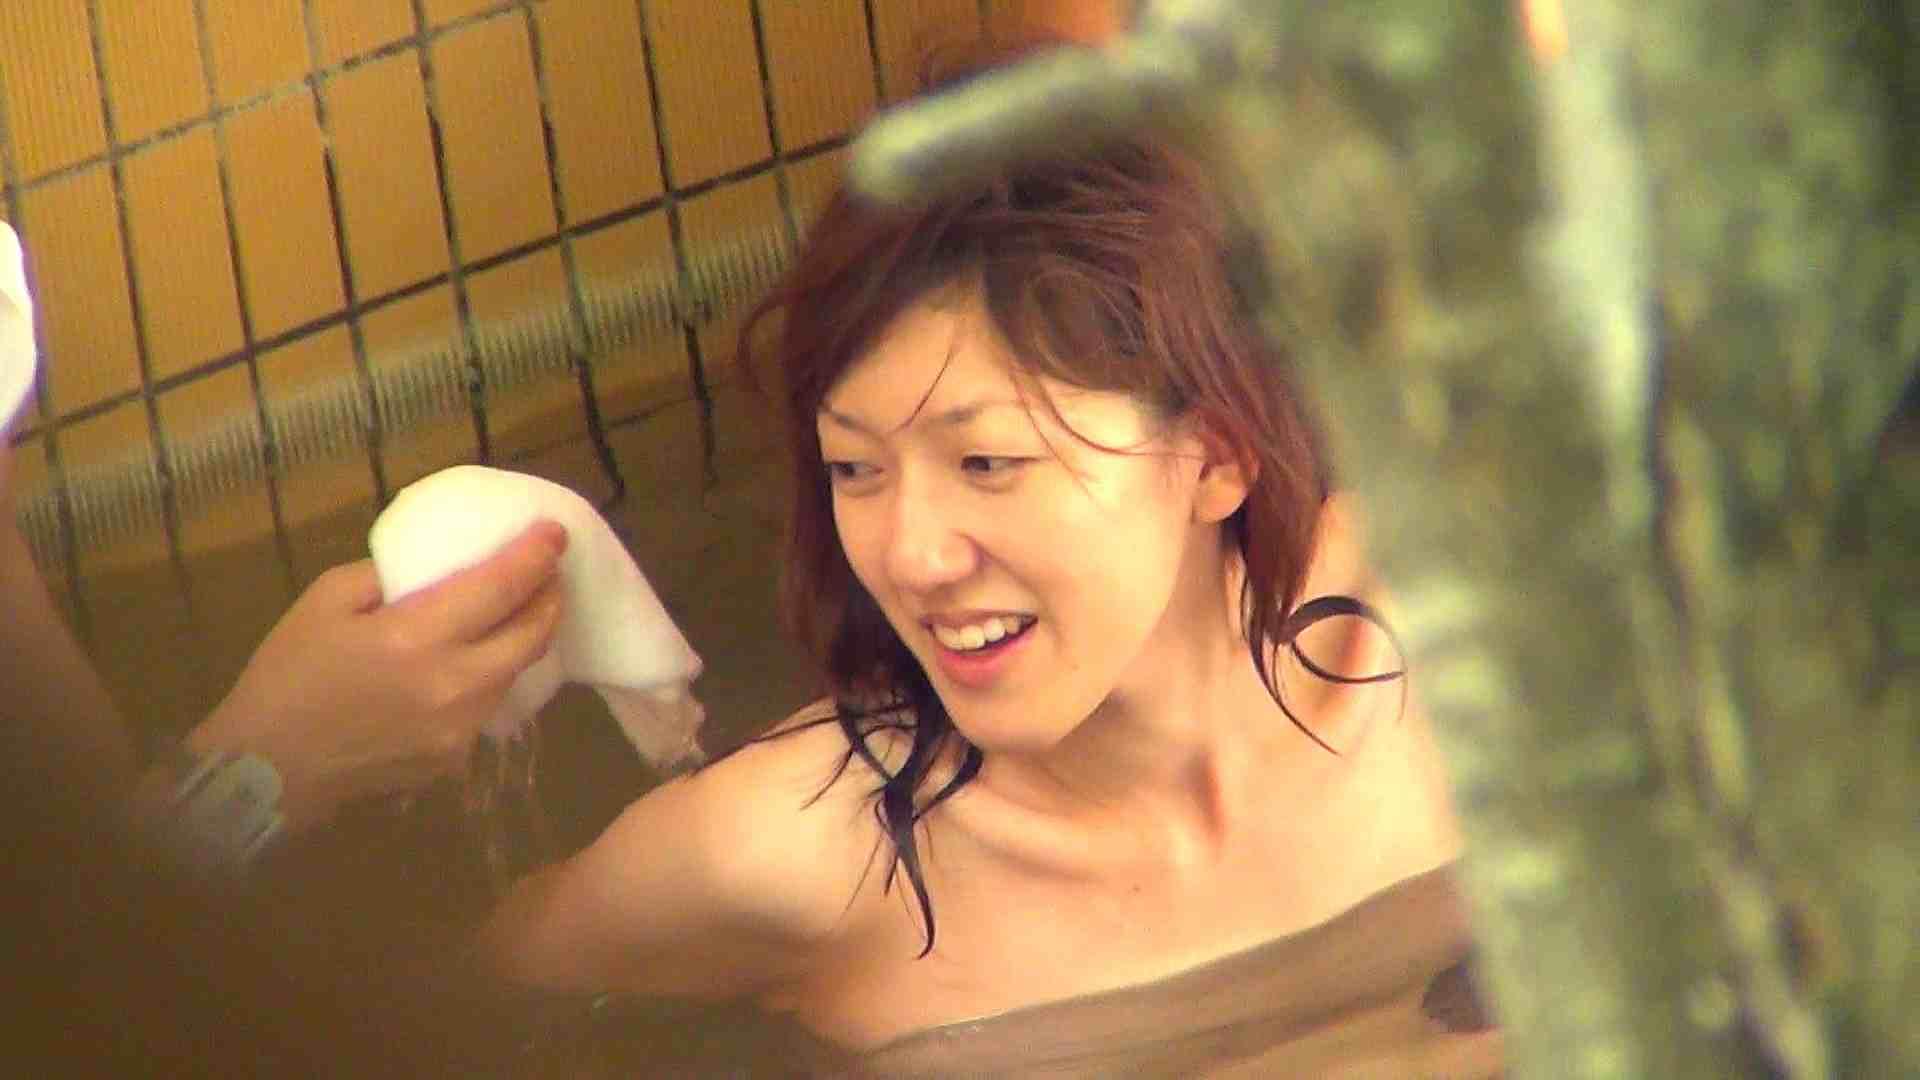 Vol.47 oyakoで登場 スレンダーだけどしっかりしたオッパイ 美女  94pic 88